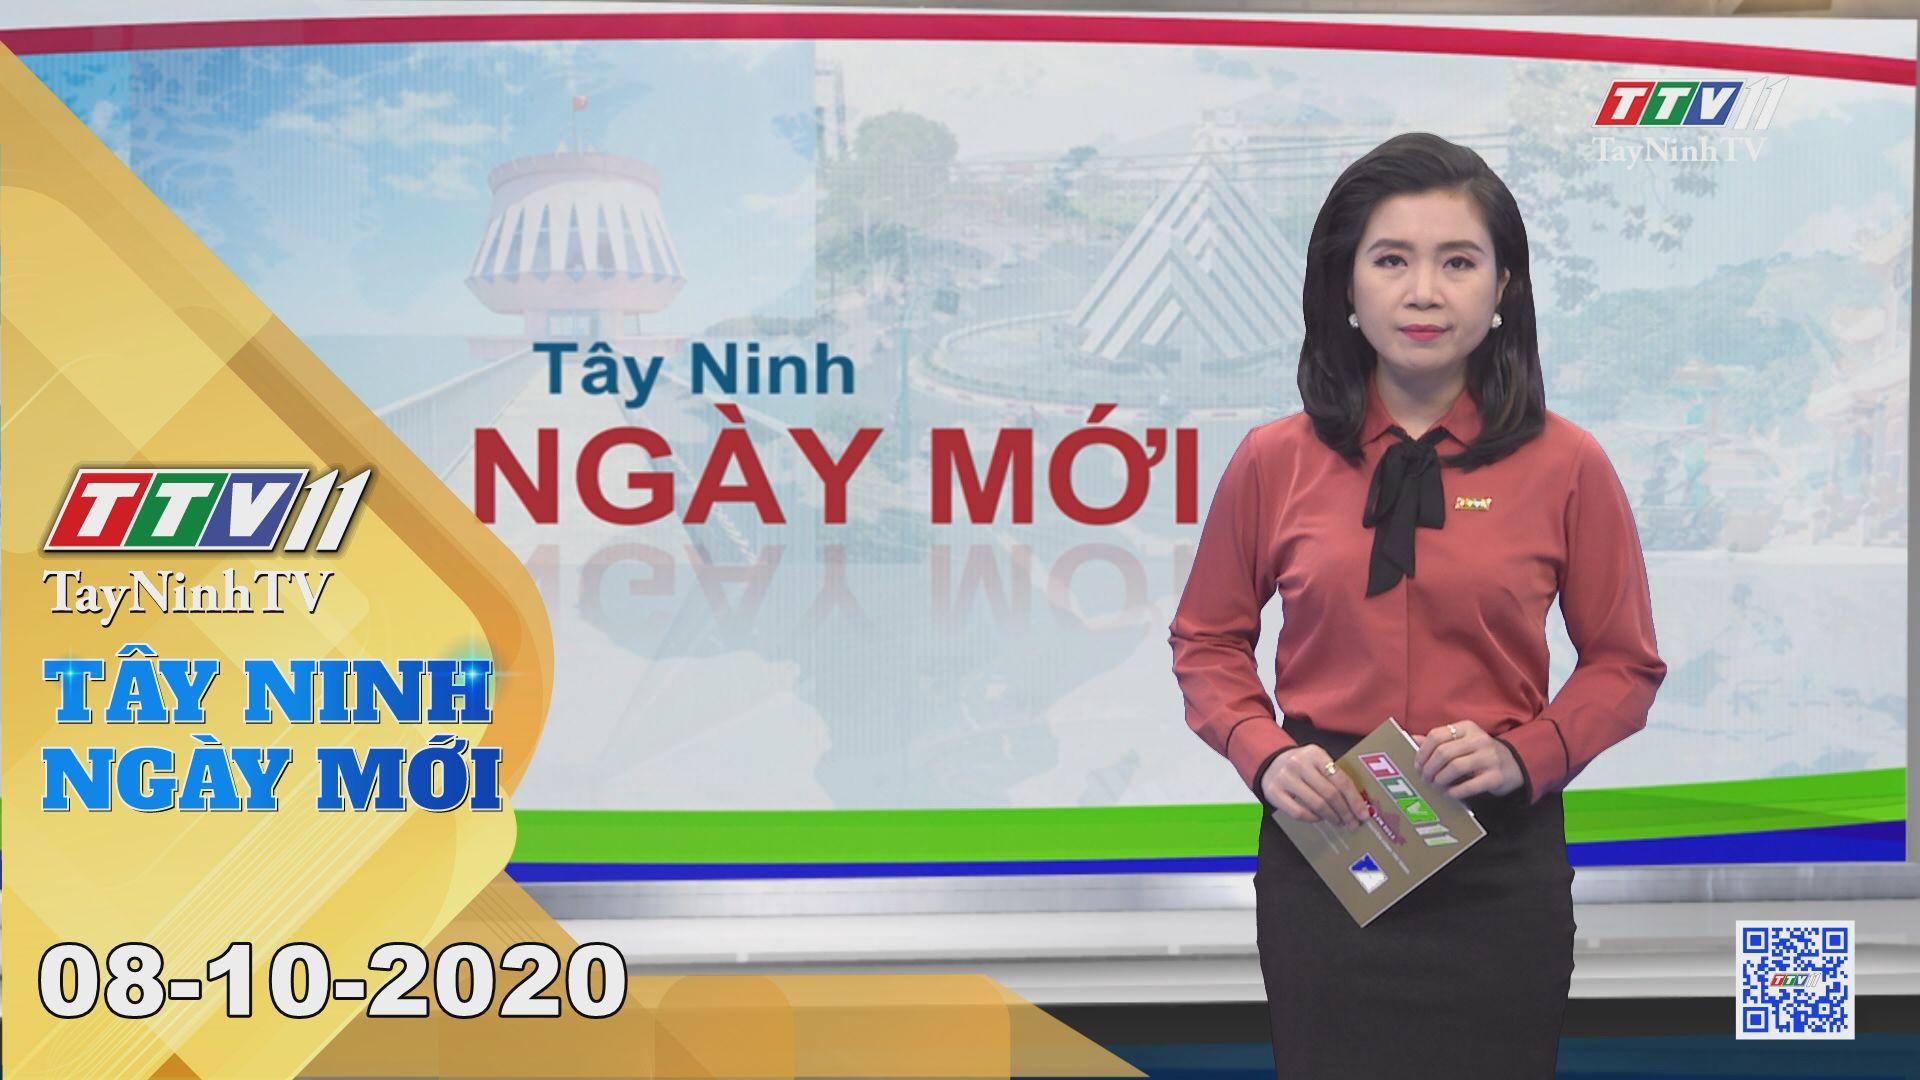 Tây Ninh Ngày Mới 08-10-2020 | Tin tức hôm nay | TayNinhTV